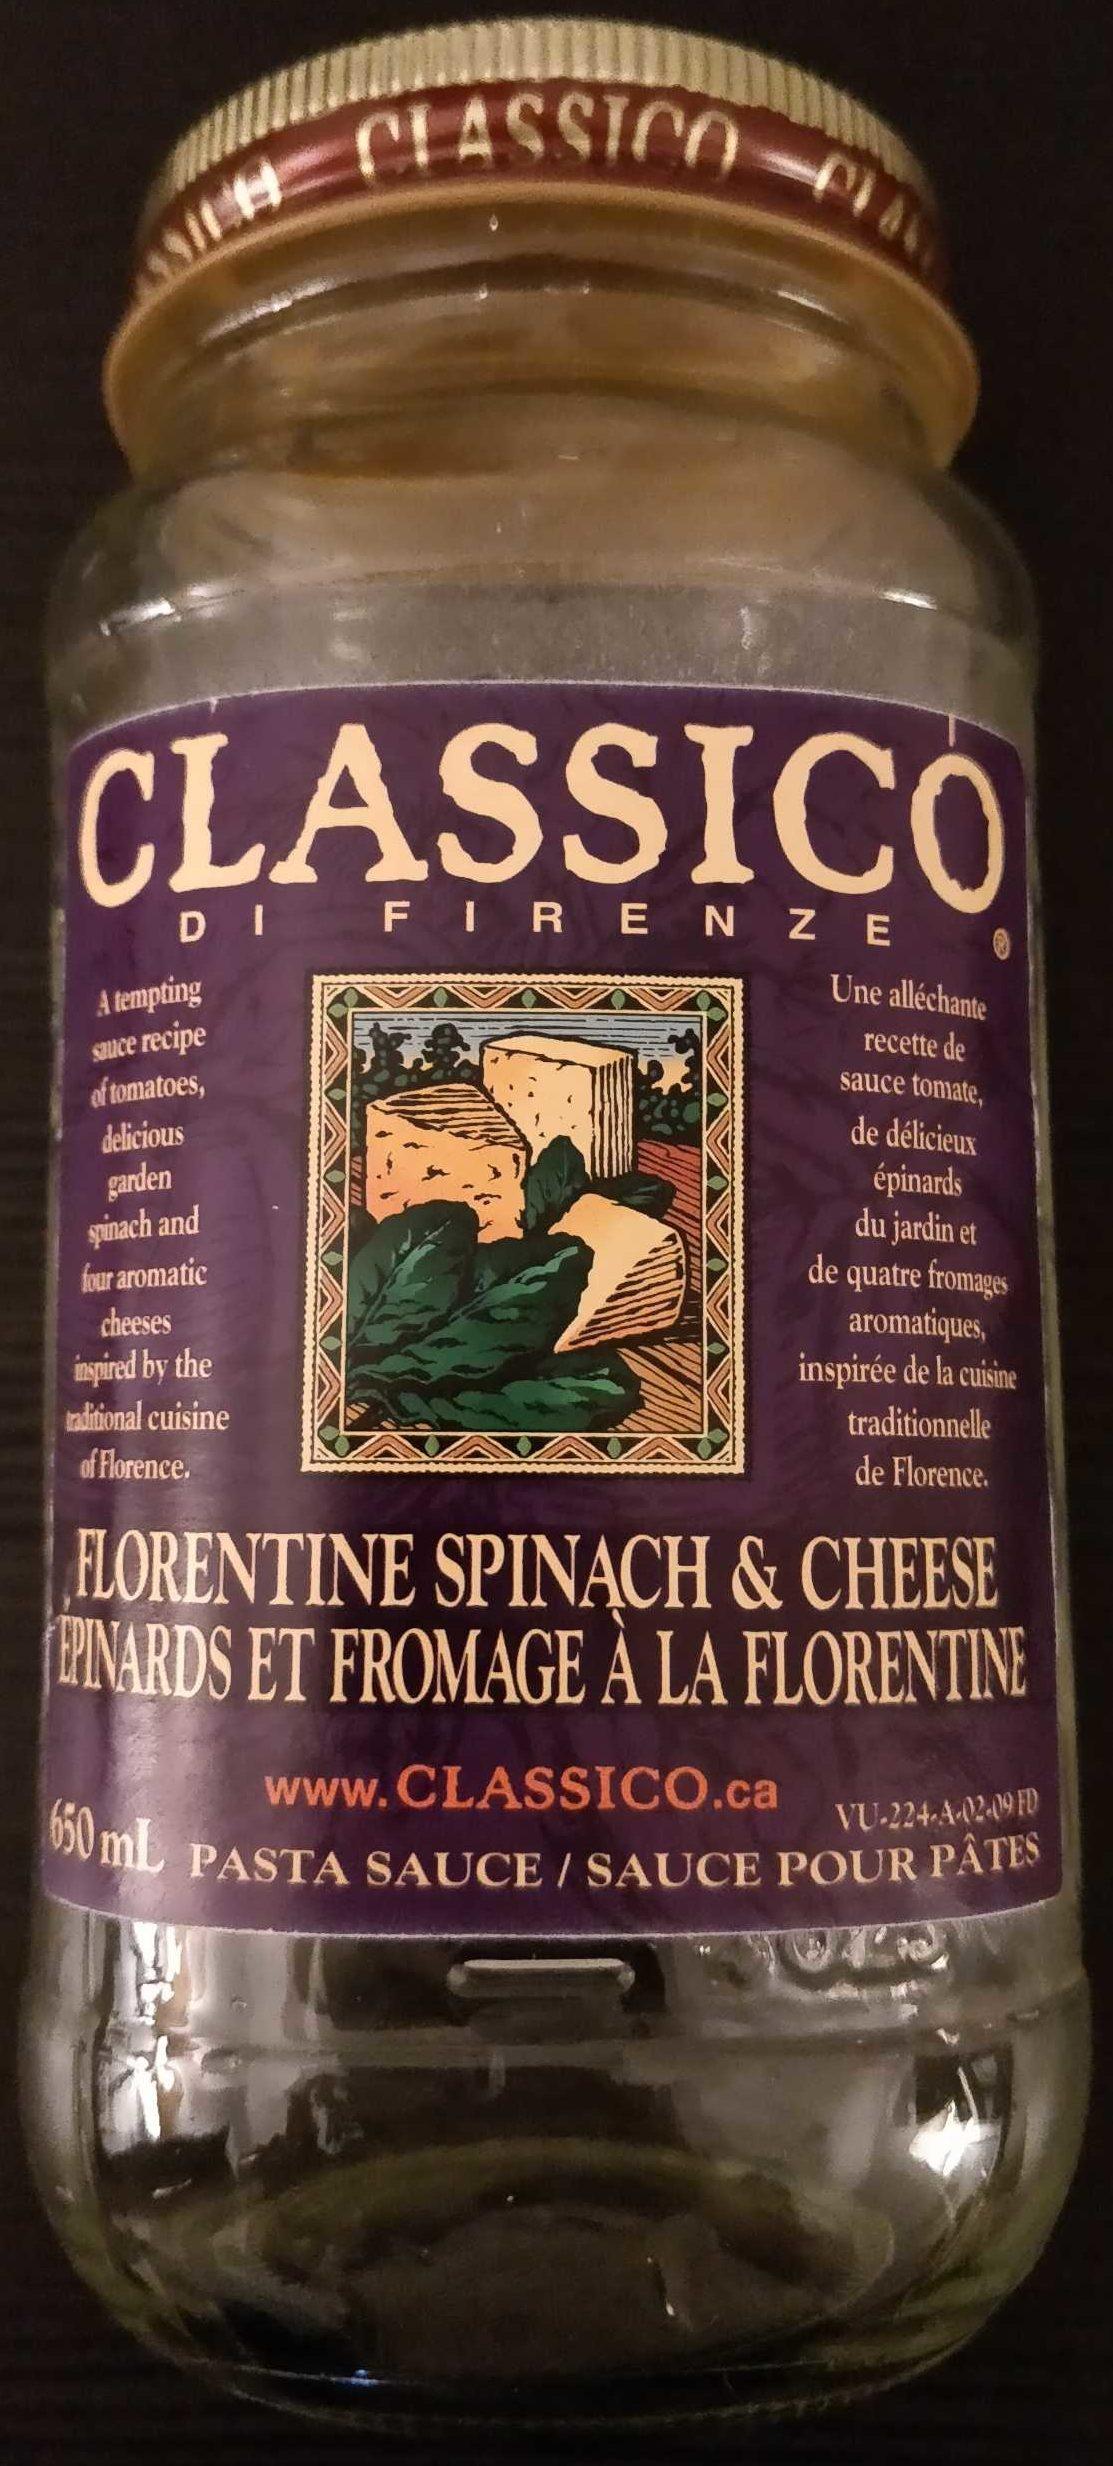 Classico di Firenze − Épinards et fromage à la florentine - Product